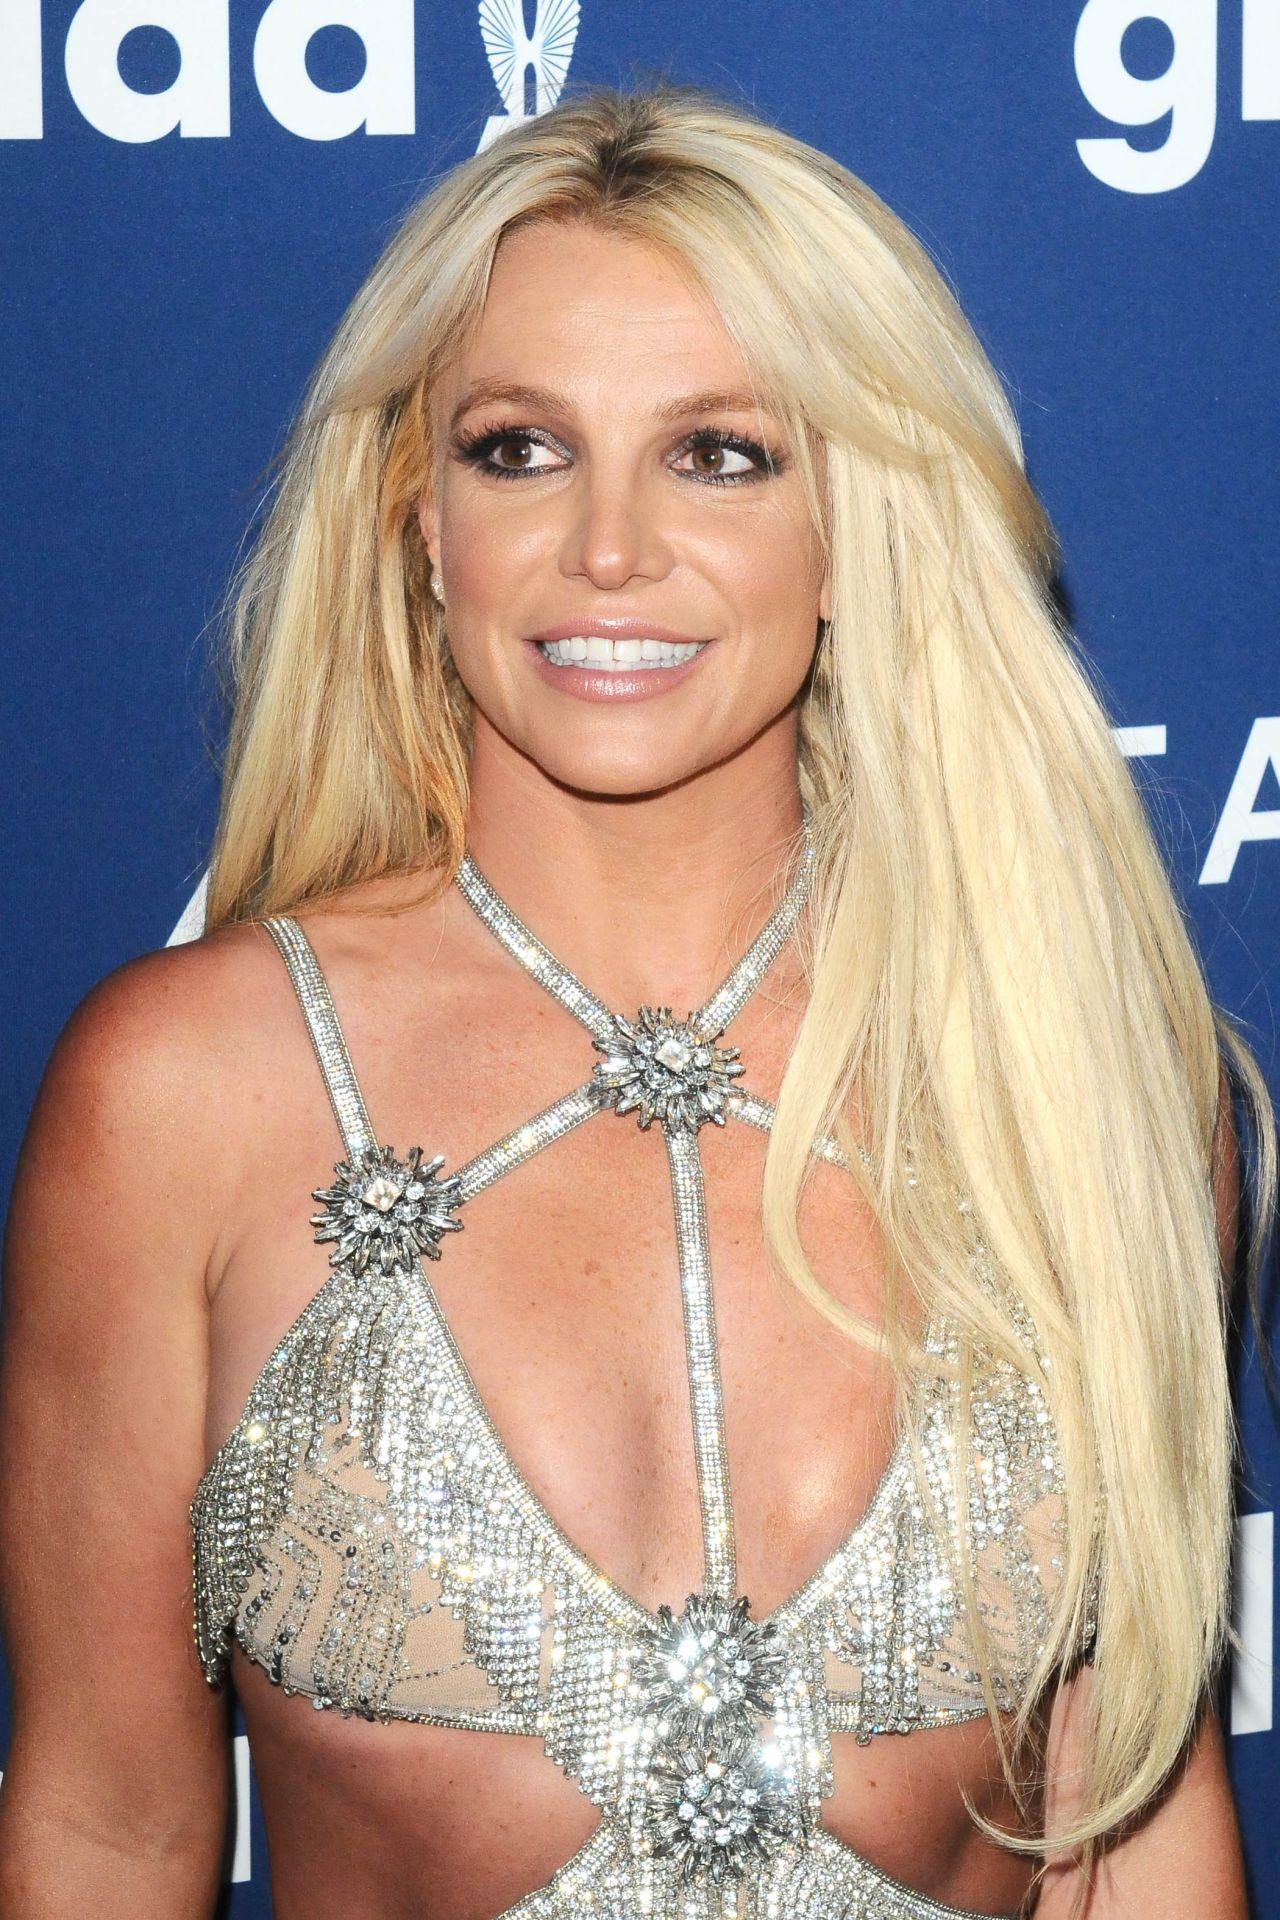 Britney Spears 2018 Glaad Media Awards In La